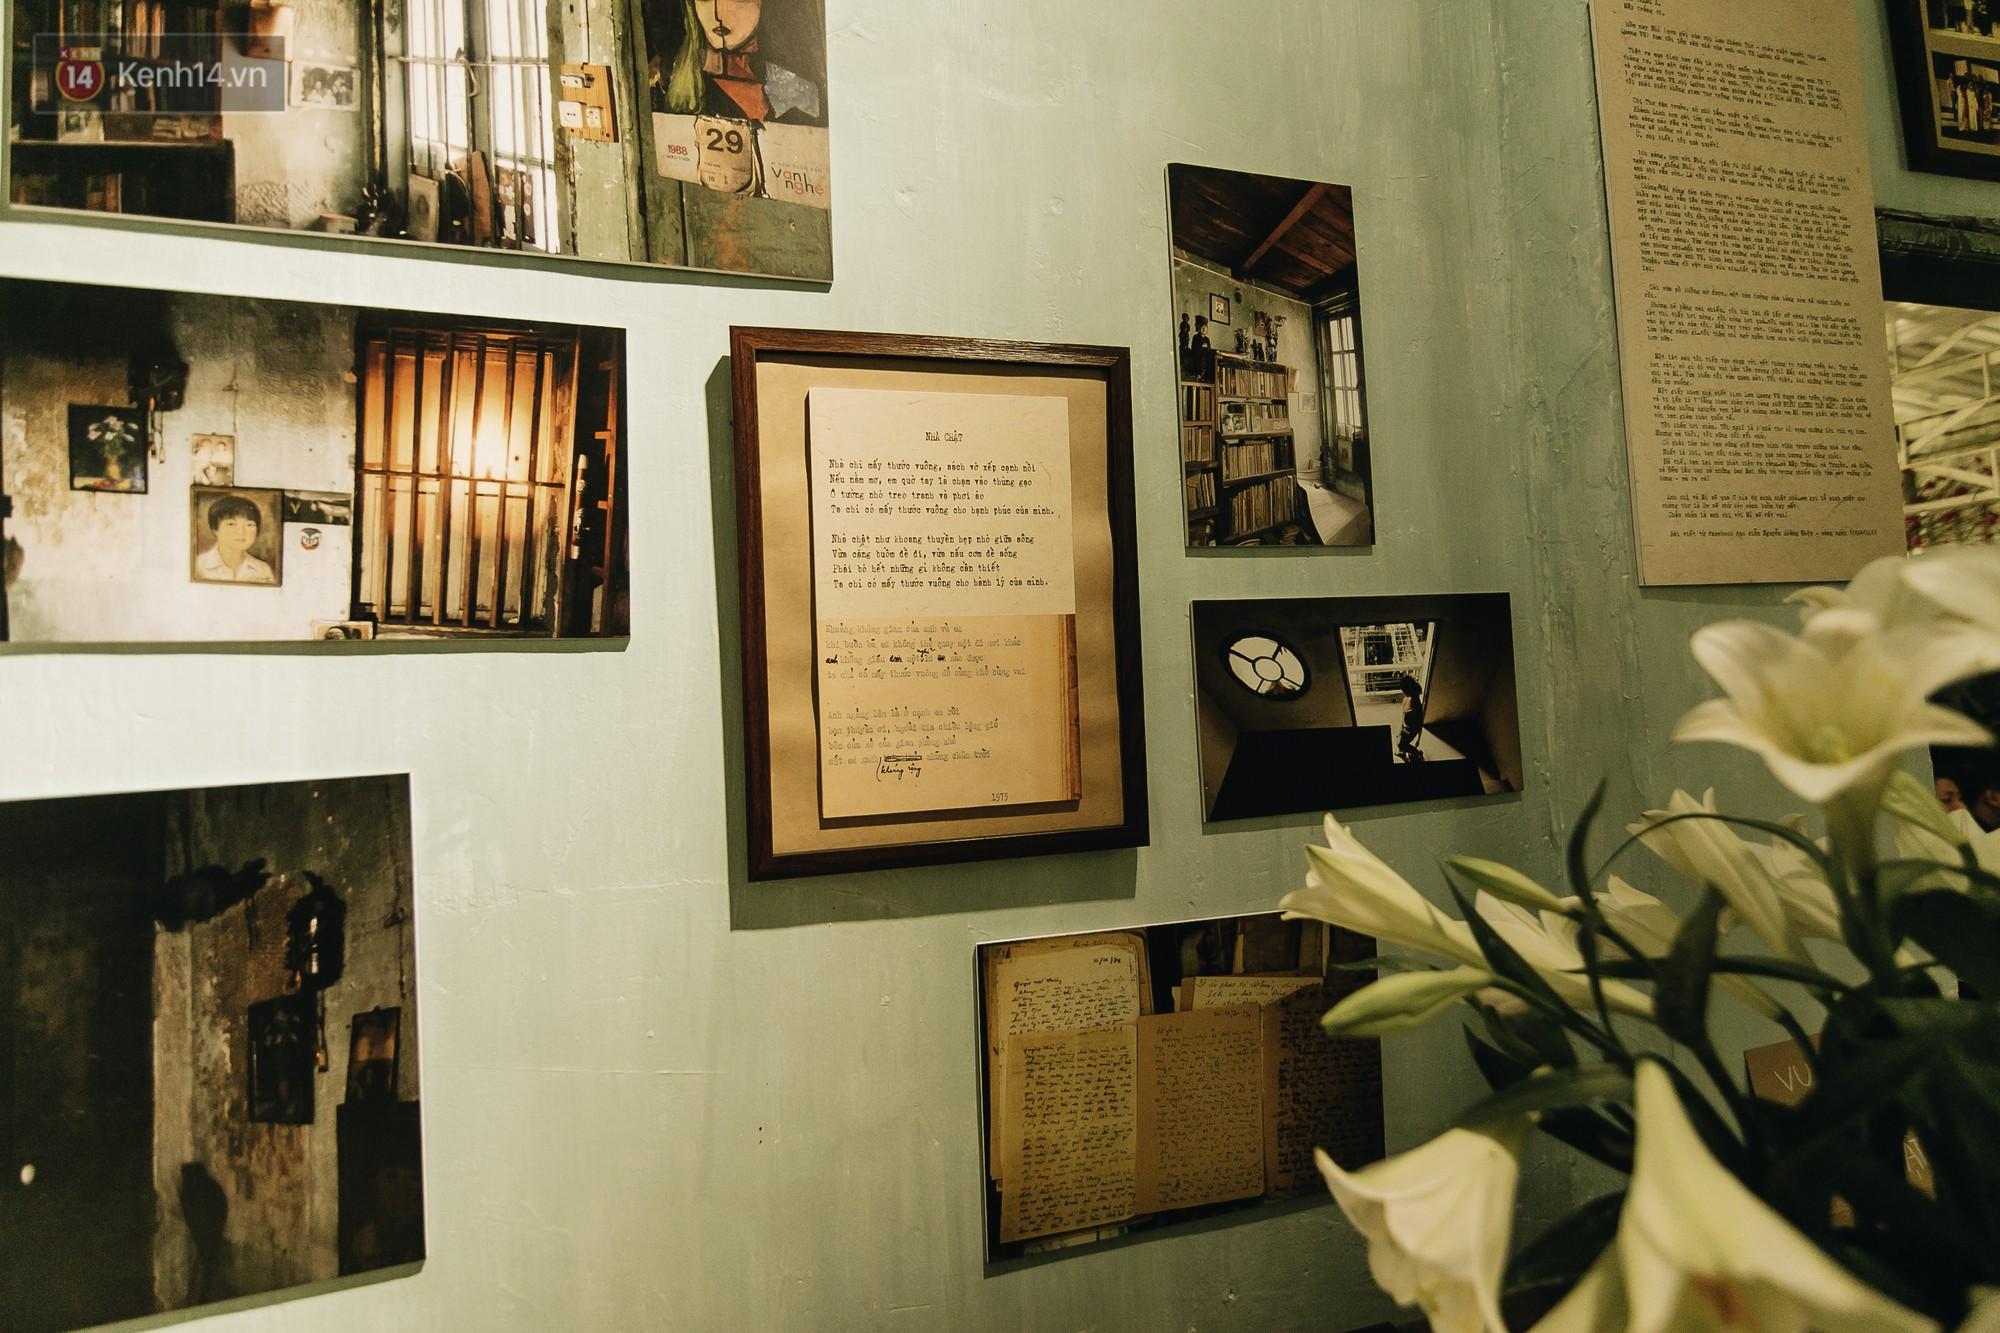 Chuyện về căn phòng 6m2 của vợ chồng Lưu Quang Vũ - Xuân Quỳnh và đêm thơ tưởng nhớ đầy cảm xúc ở Hà Nội - Ảnh 17.